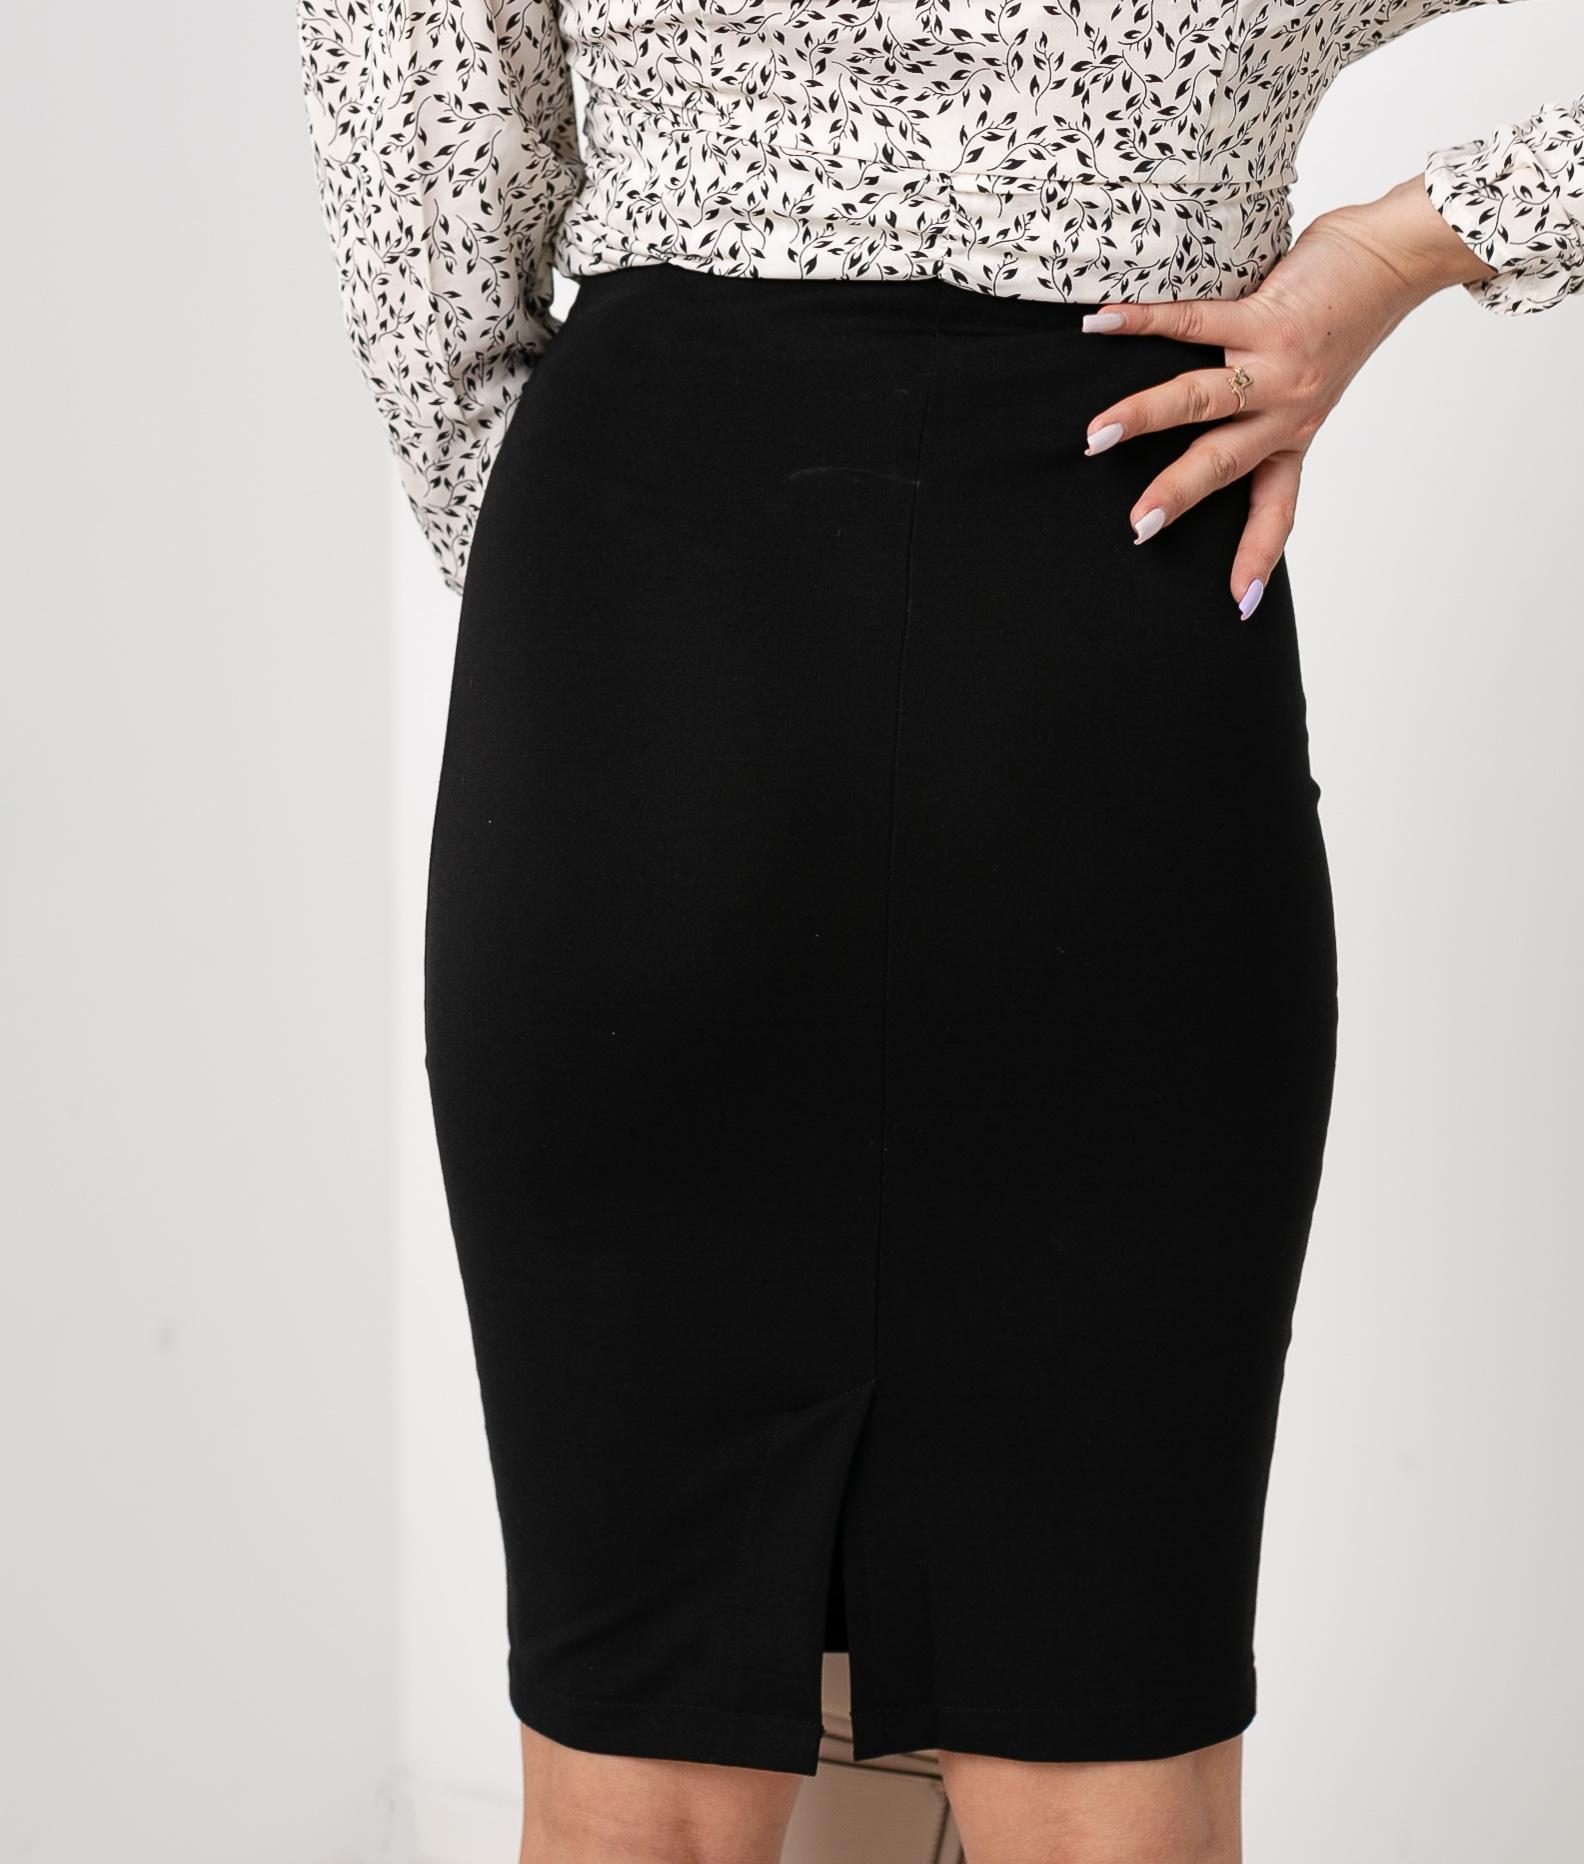 Skirt Modic - Black